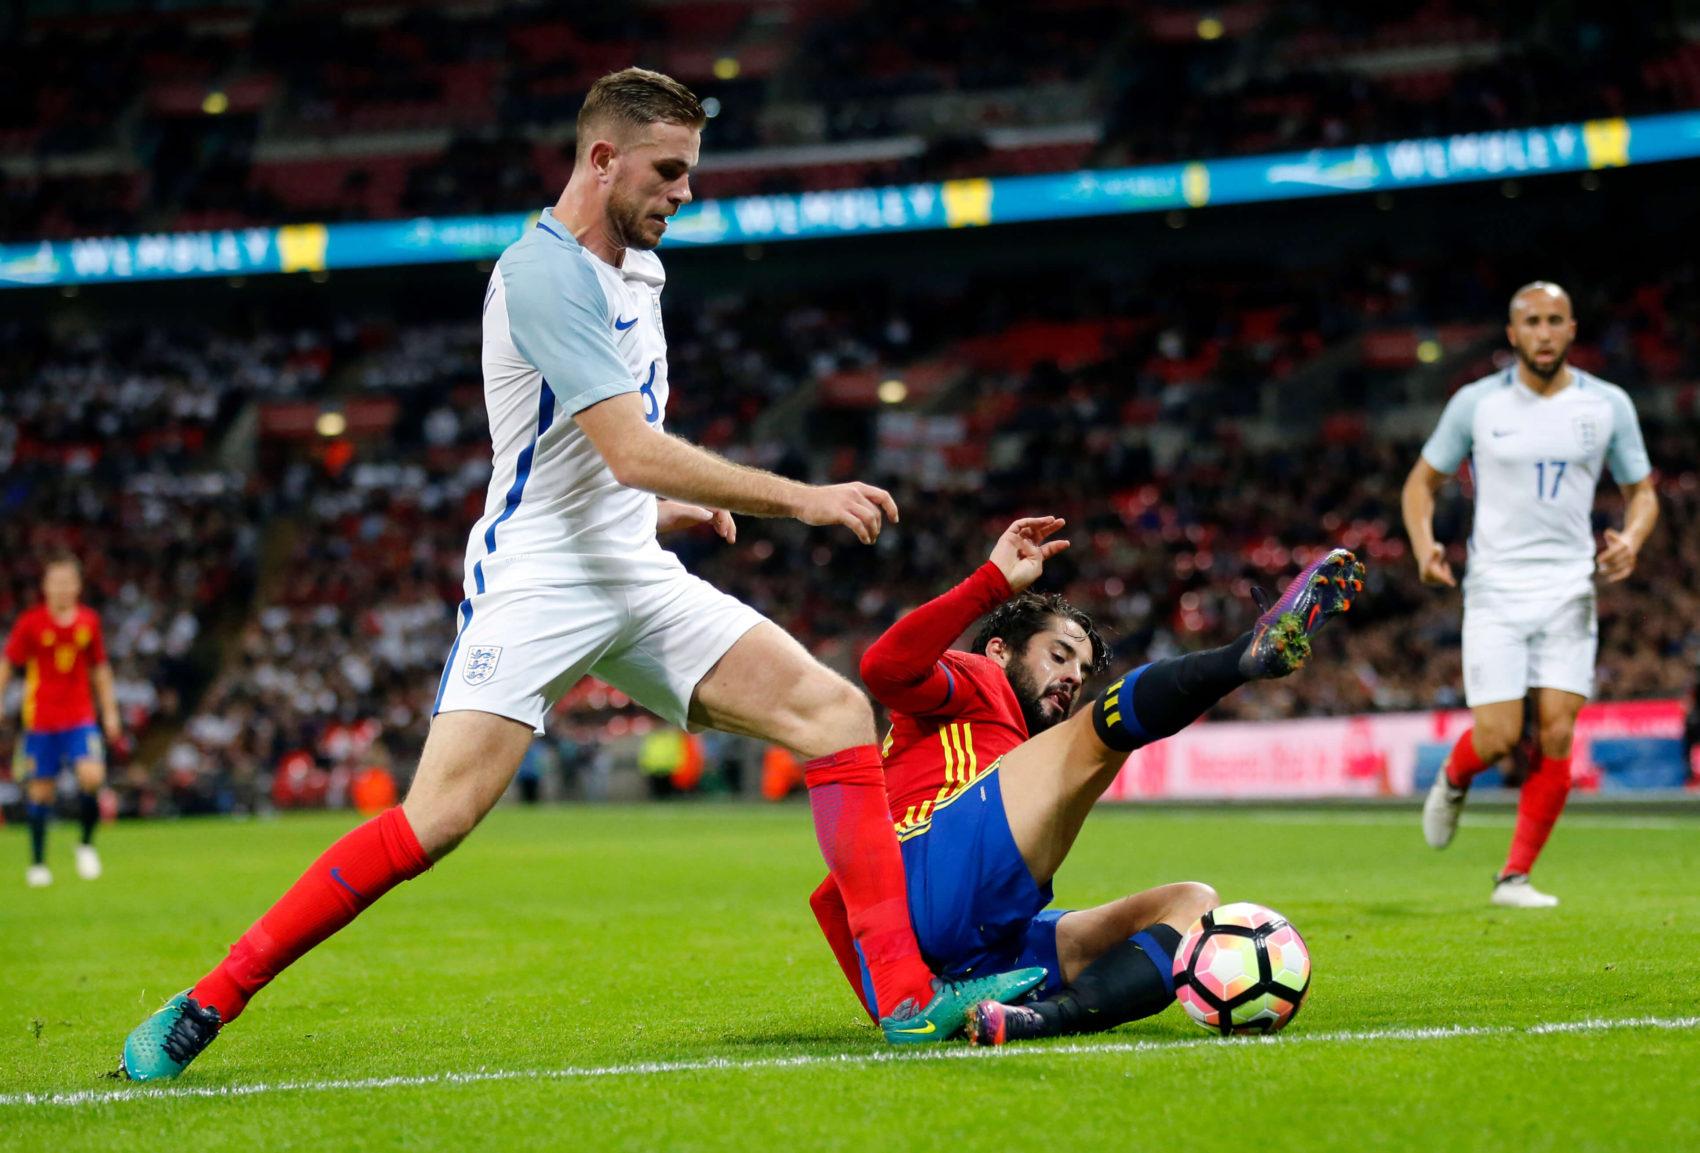 Dva neskoré góly Španielov odopreli Angličanom víťazstvo